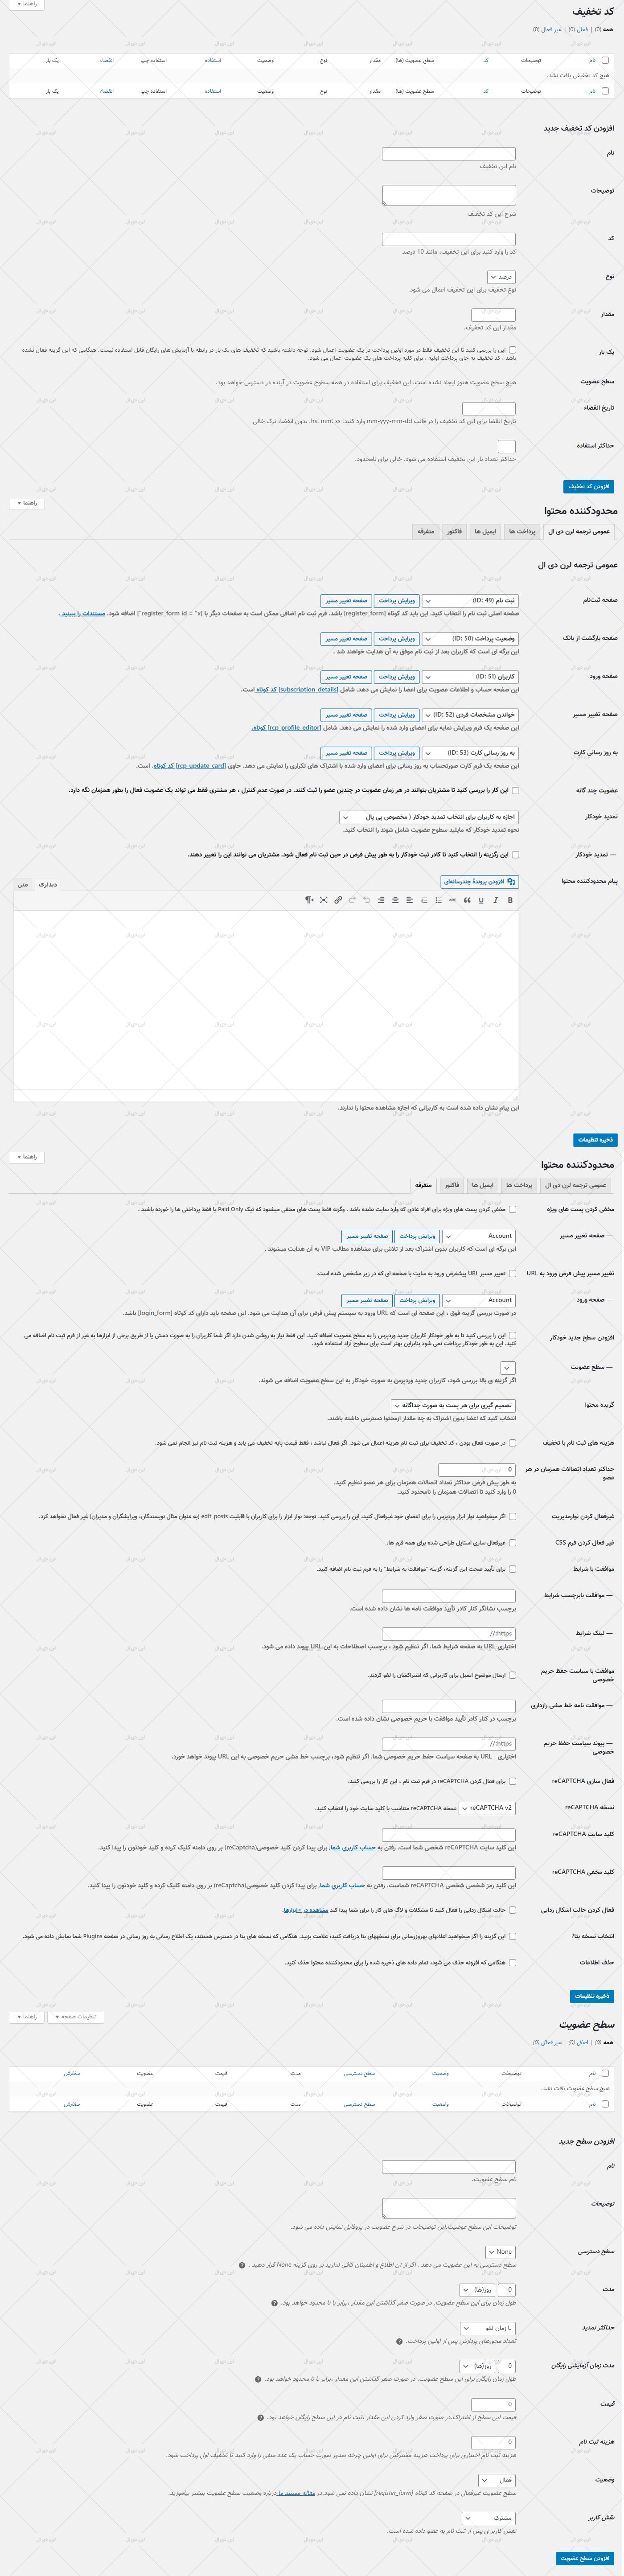 افزونه اشتراک ویژه محتوا وردپرس - افزونه فارسی Restrict Content Pro